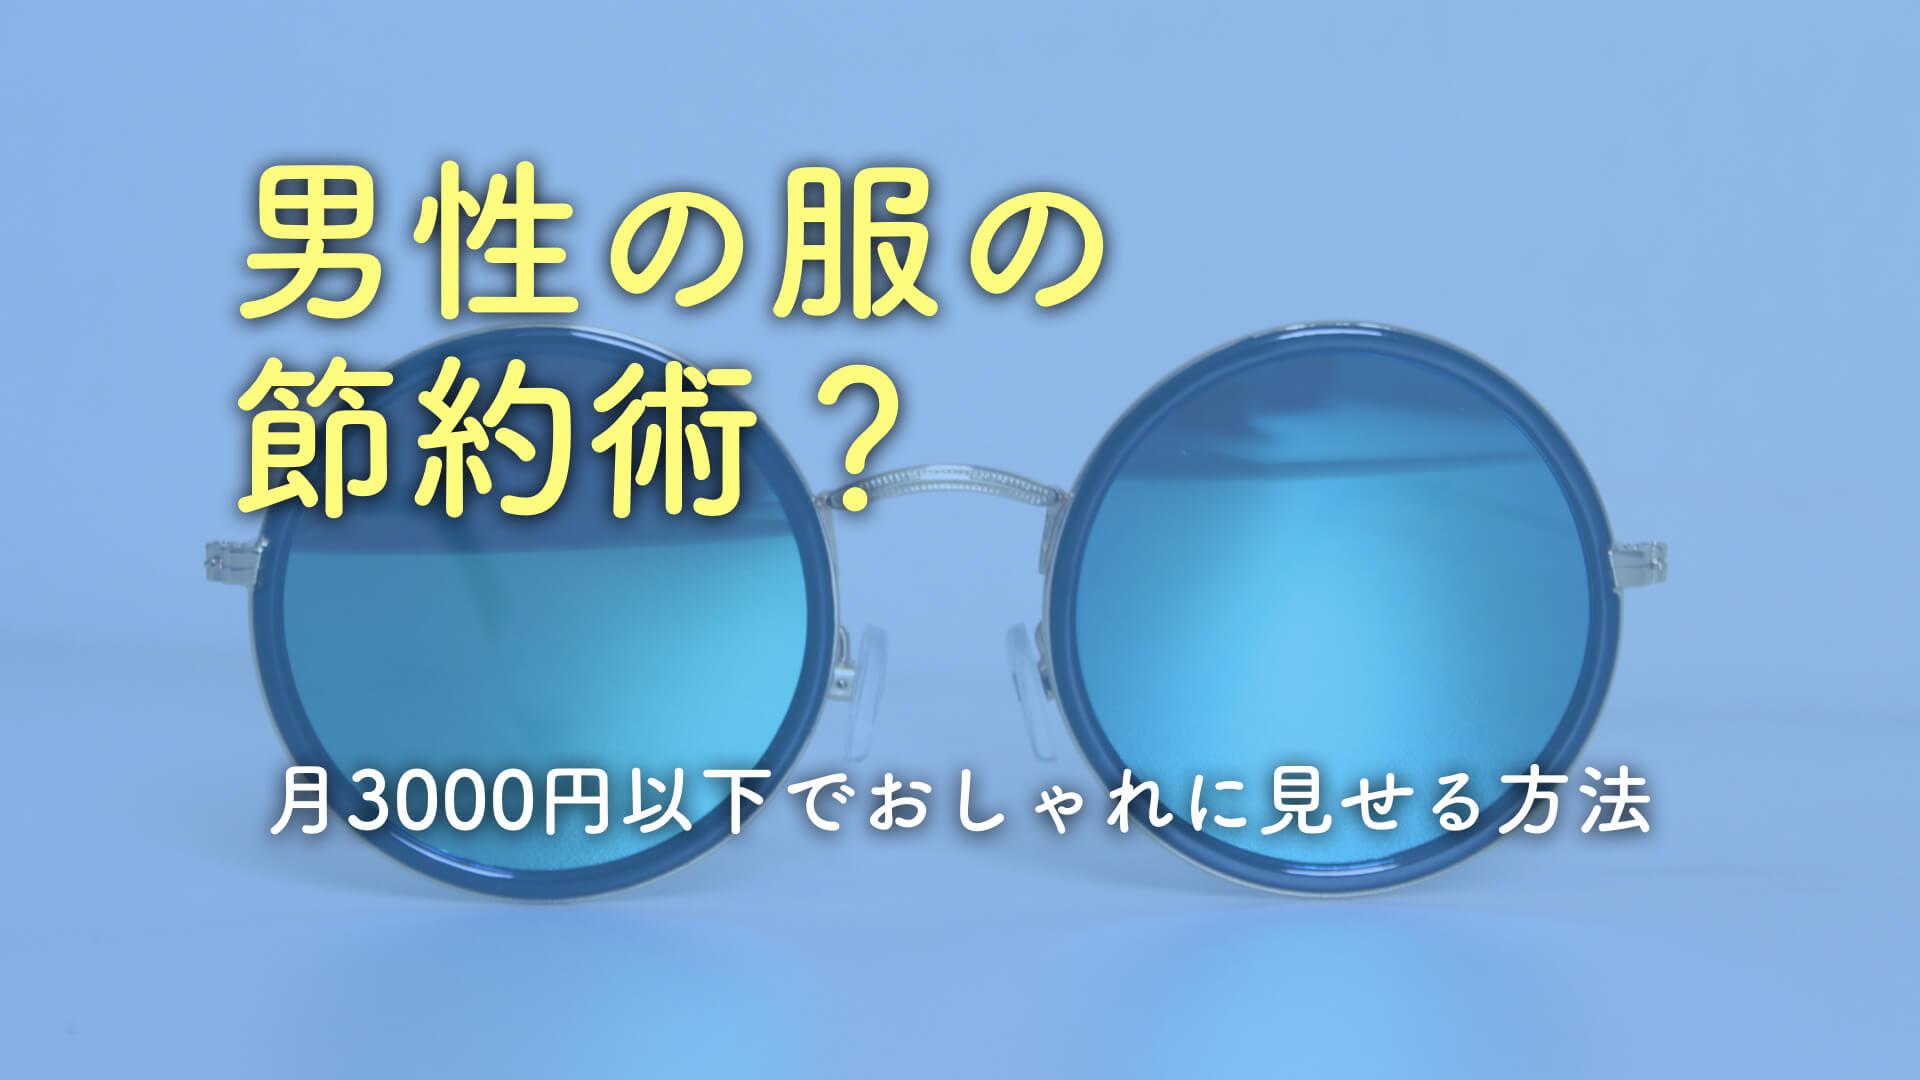 【男性服の節約】月3000円以下でおしゃれに見せる服の節約術?